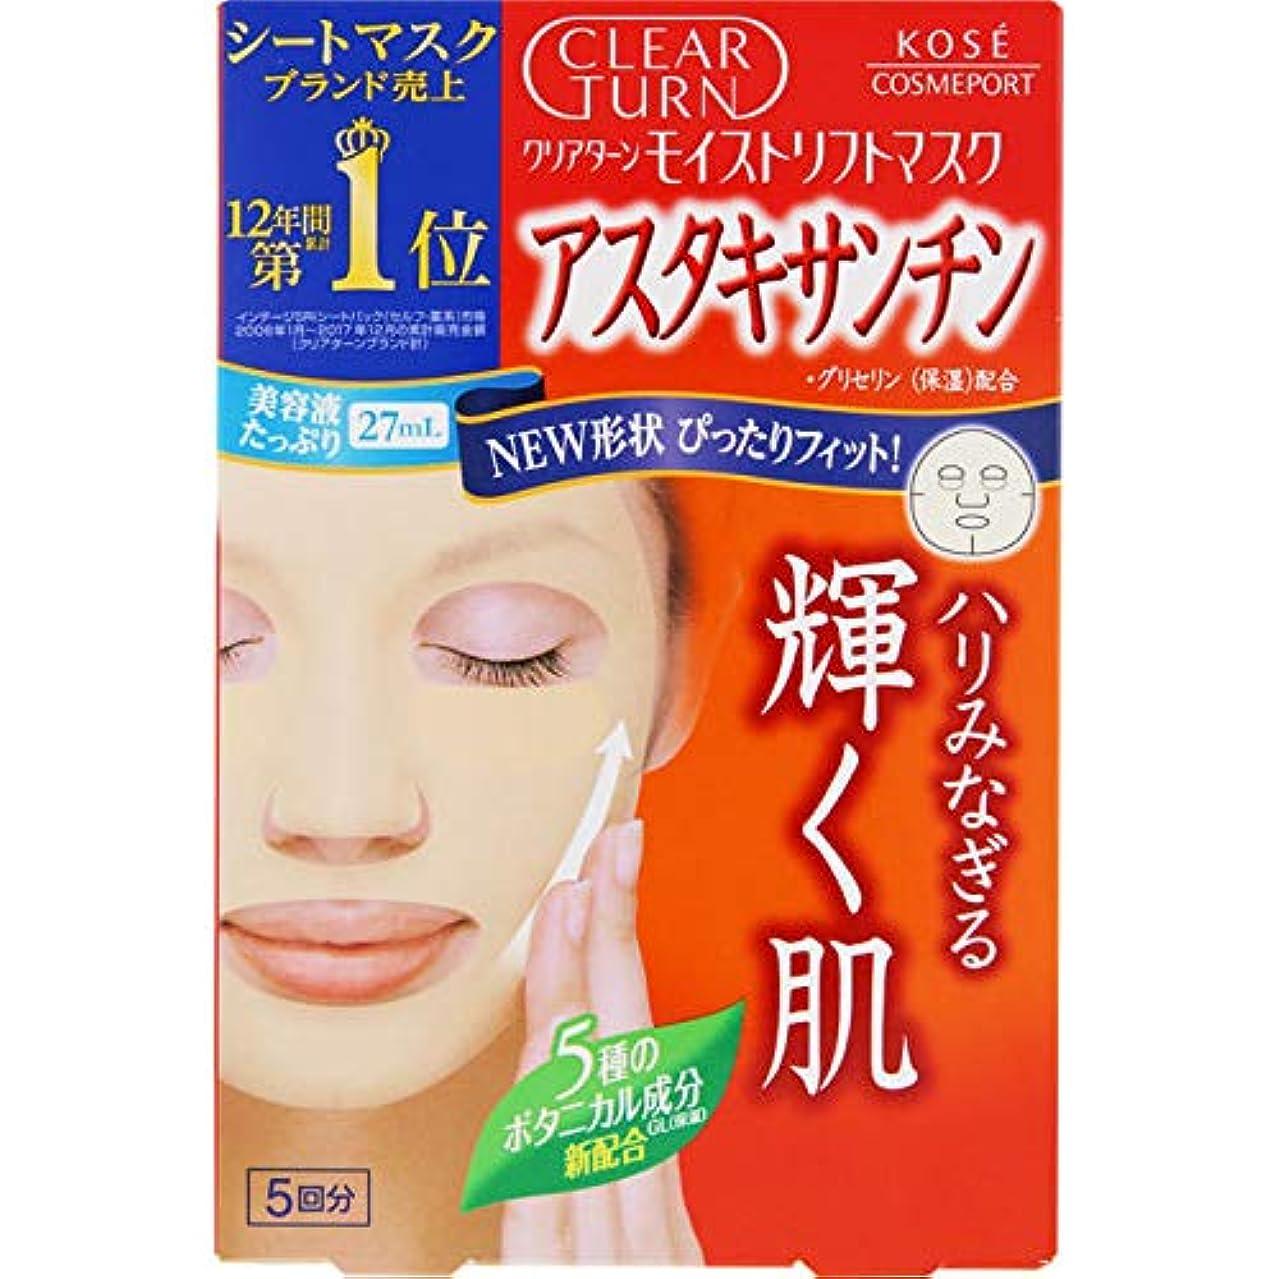 サワーつぶやきより多いKOSE コーセー クリアターン リフト マスク AS c (アスタキサンチン) 5回分 (22mL×5)